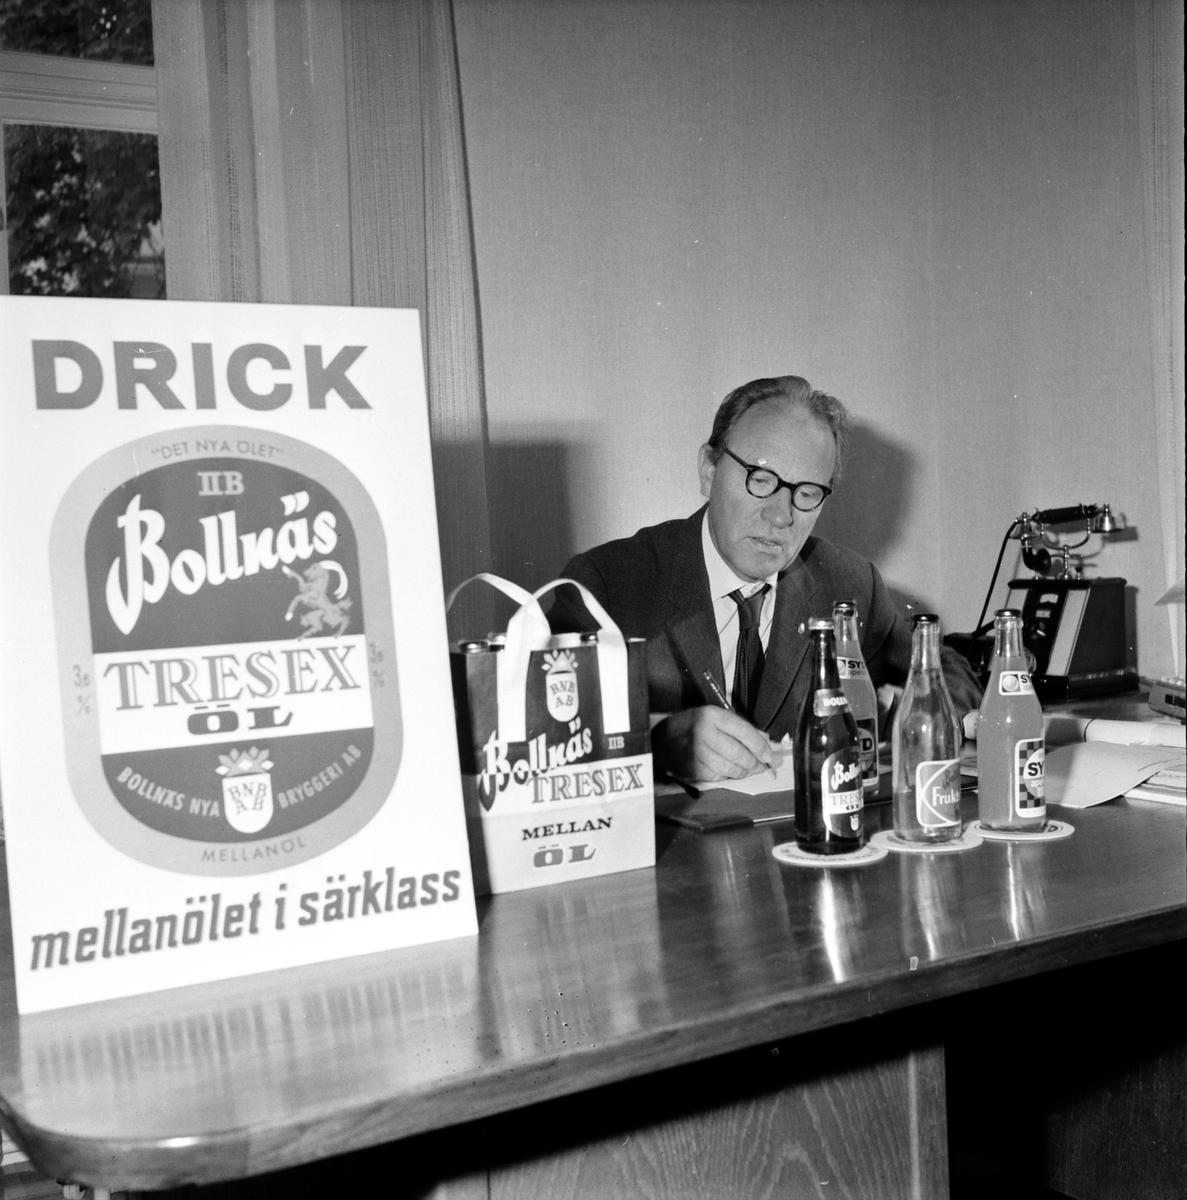 Bollnäs Bryggeri, Inför mellanölspremiären 1 Oktober 1965, 22 September 1965